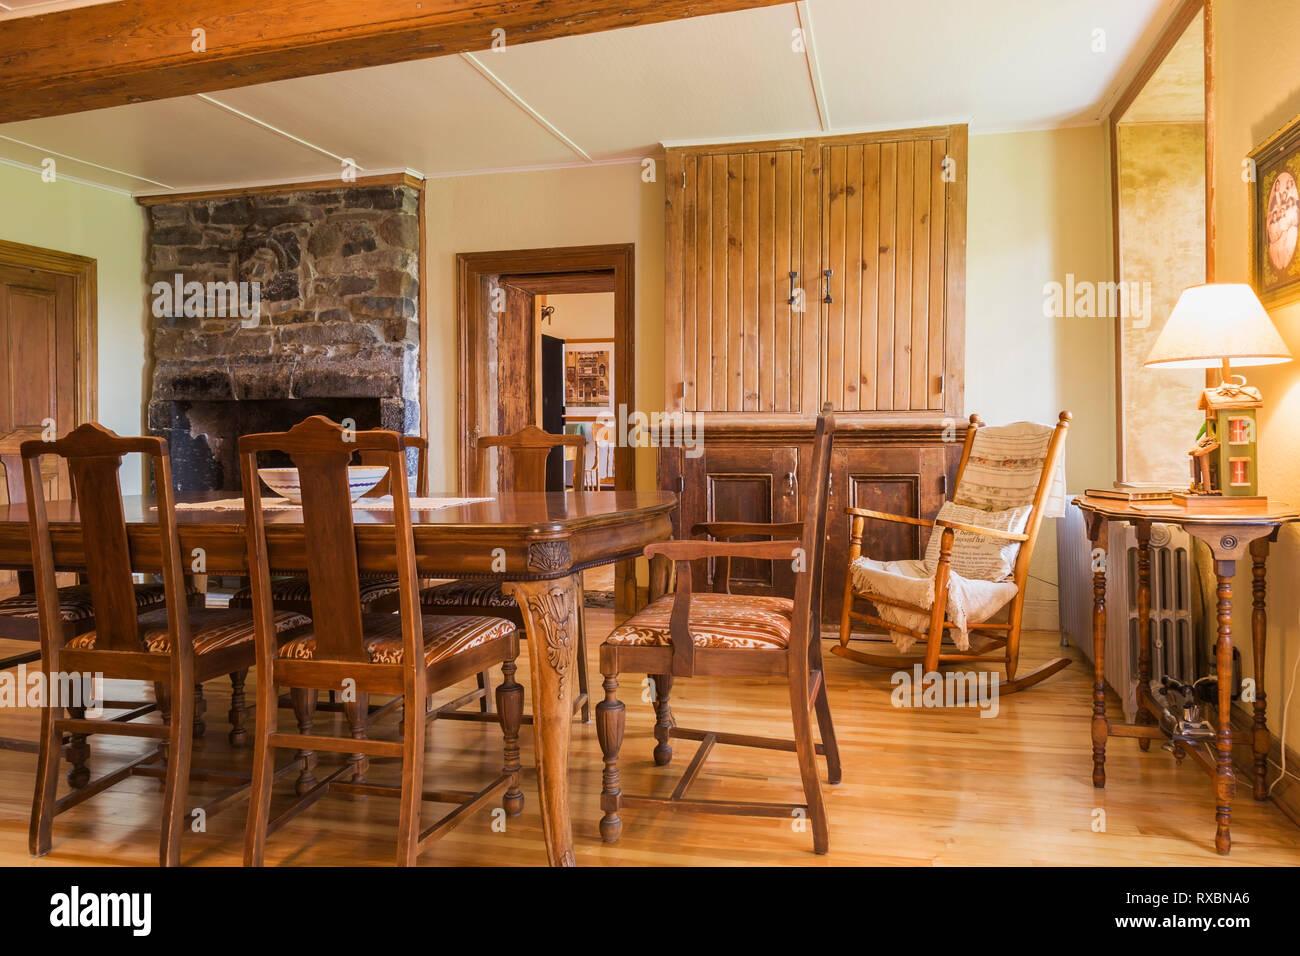 Tavoli In Legno Da Interno.Sala Da Pranzo Con Antico Tavolo In Legno E Imbottiti Sedie